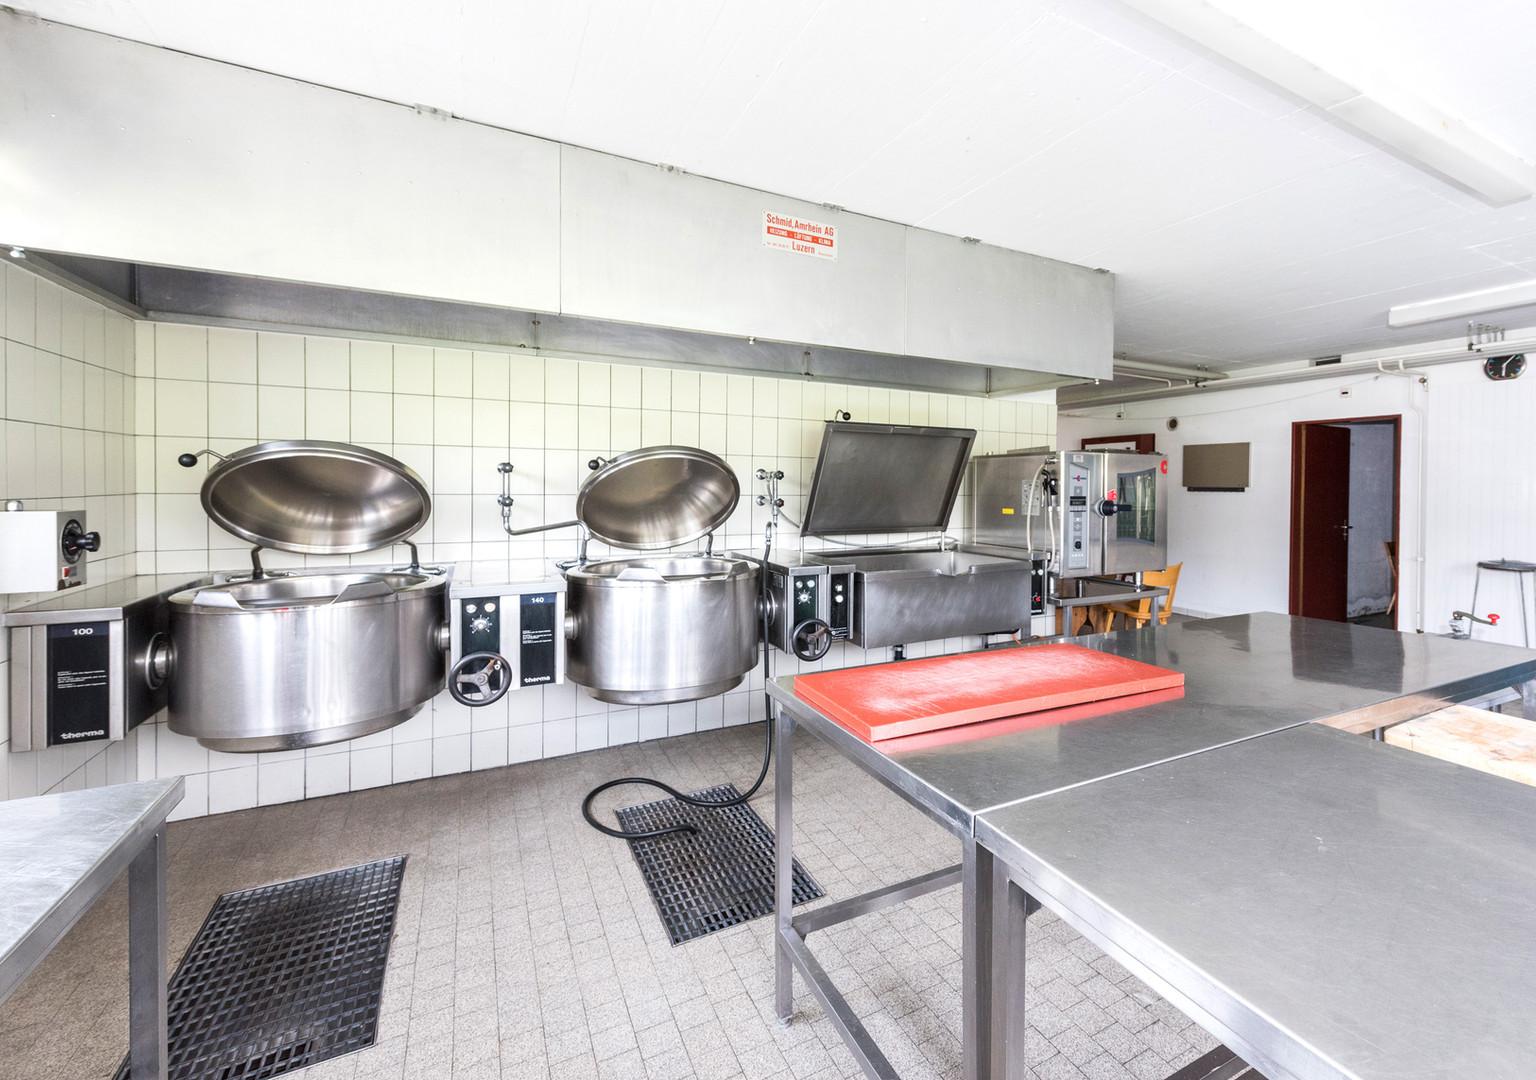 Küche mit Kippkochkessel und Kippkochtöpfen